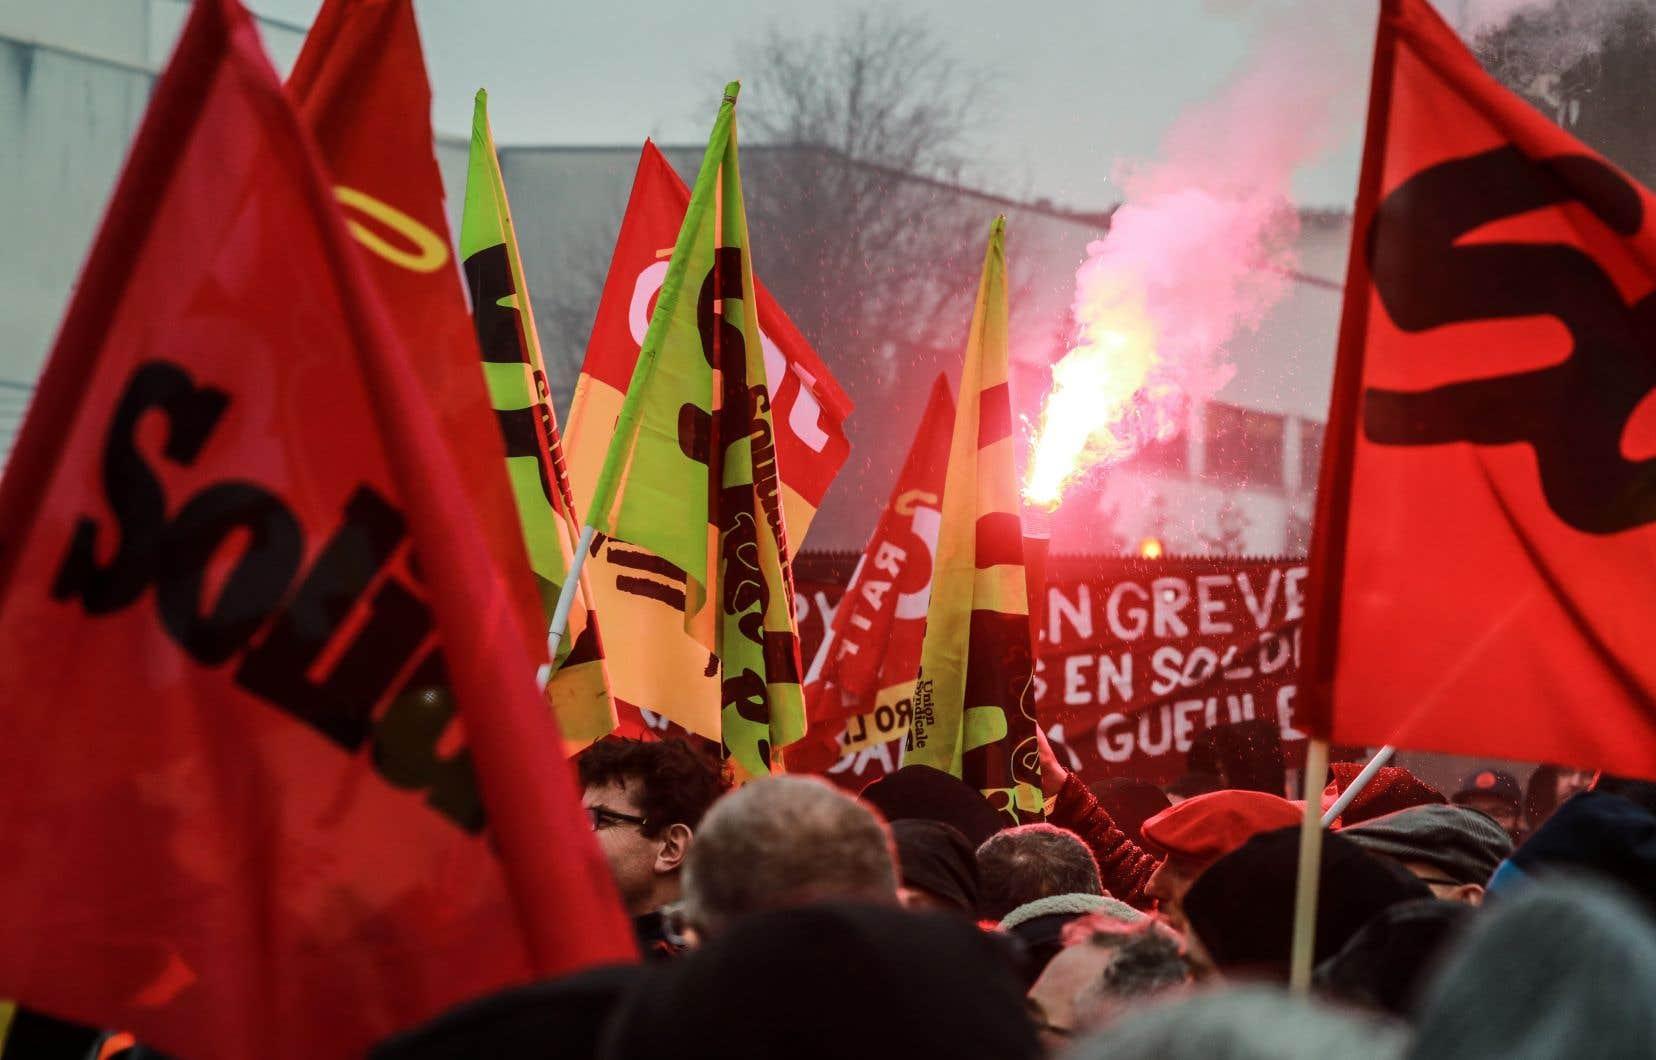 Le trafic restait perturbé lundi à Paris,au 40ejour de grève notamment dans les transports.